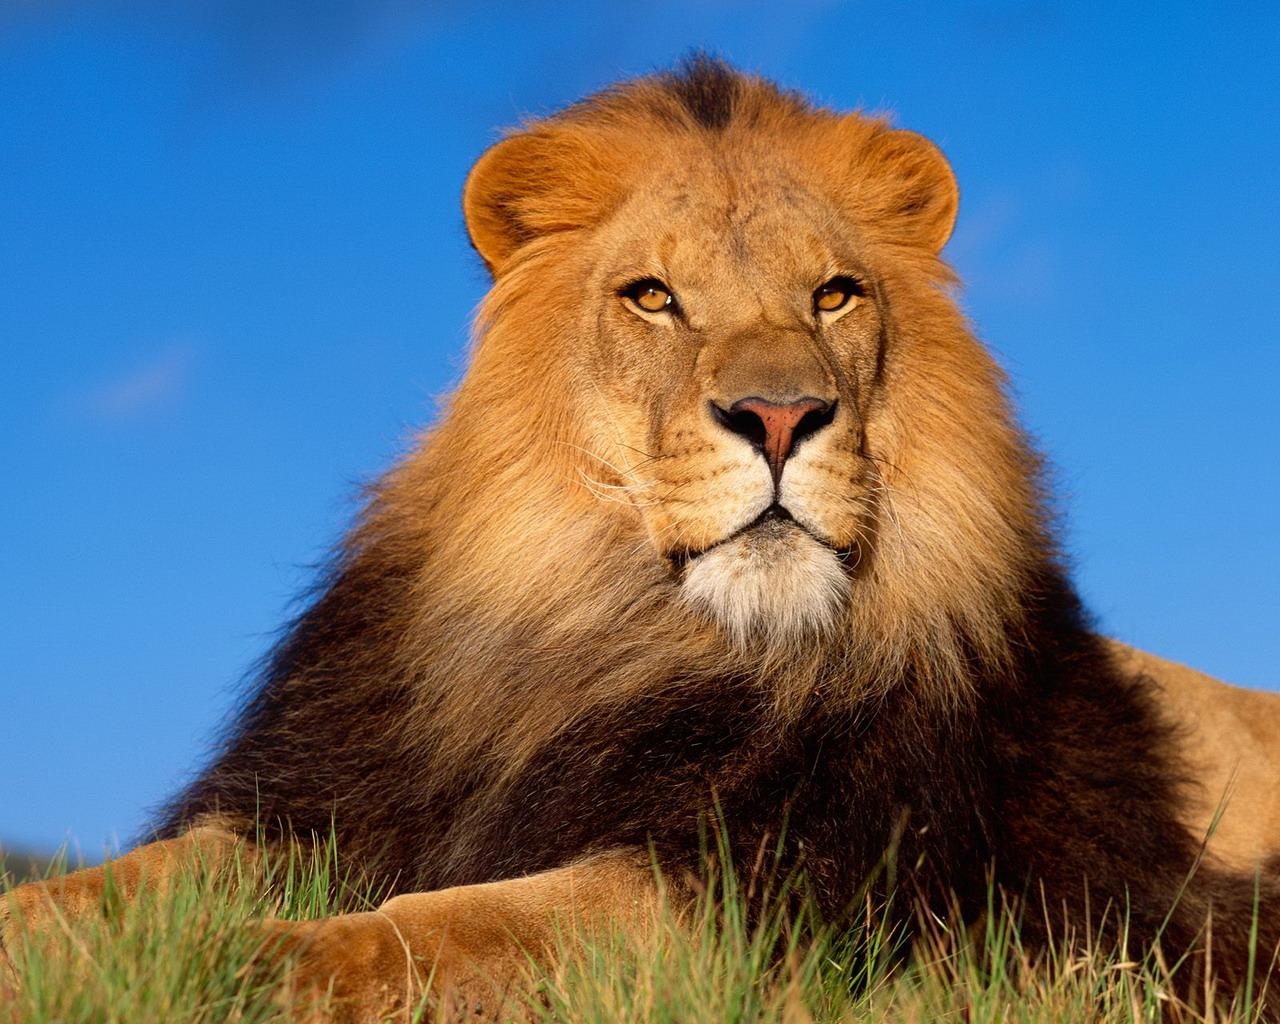 Vsledek obrzku pro lev